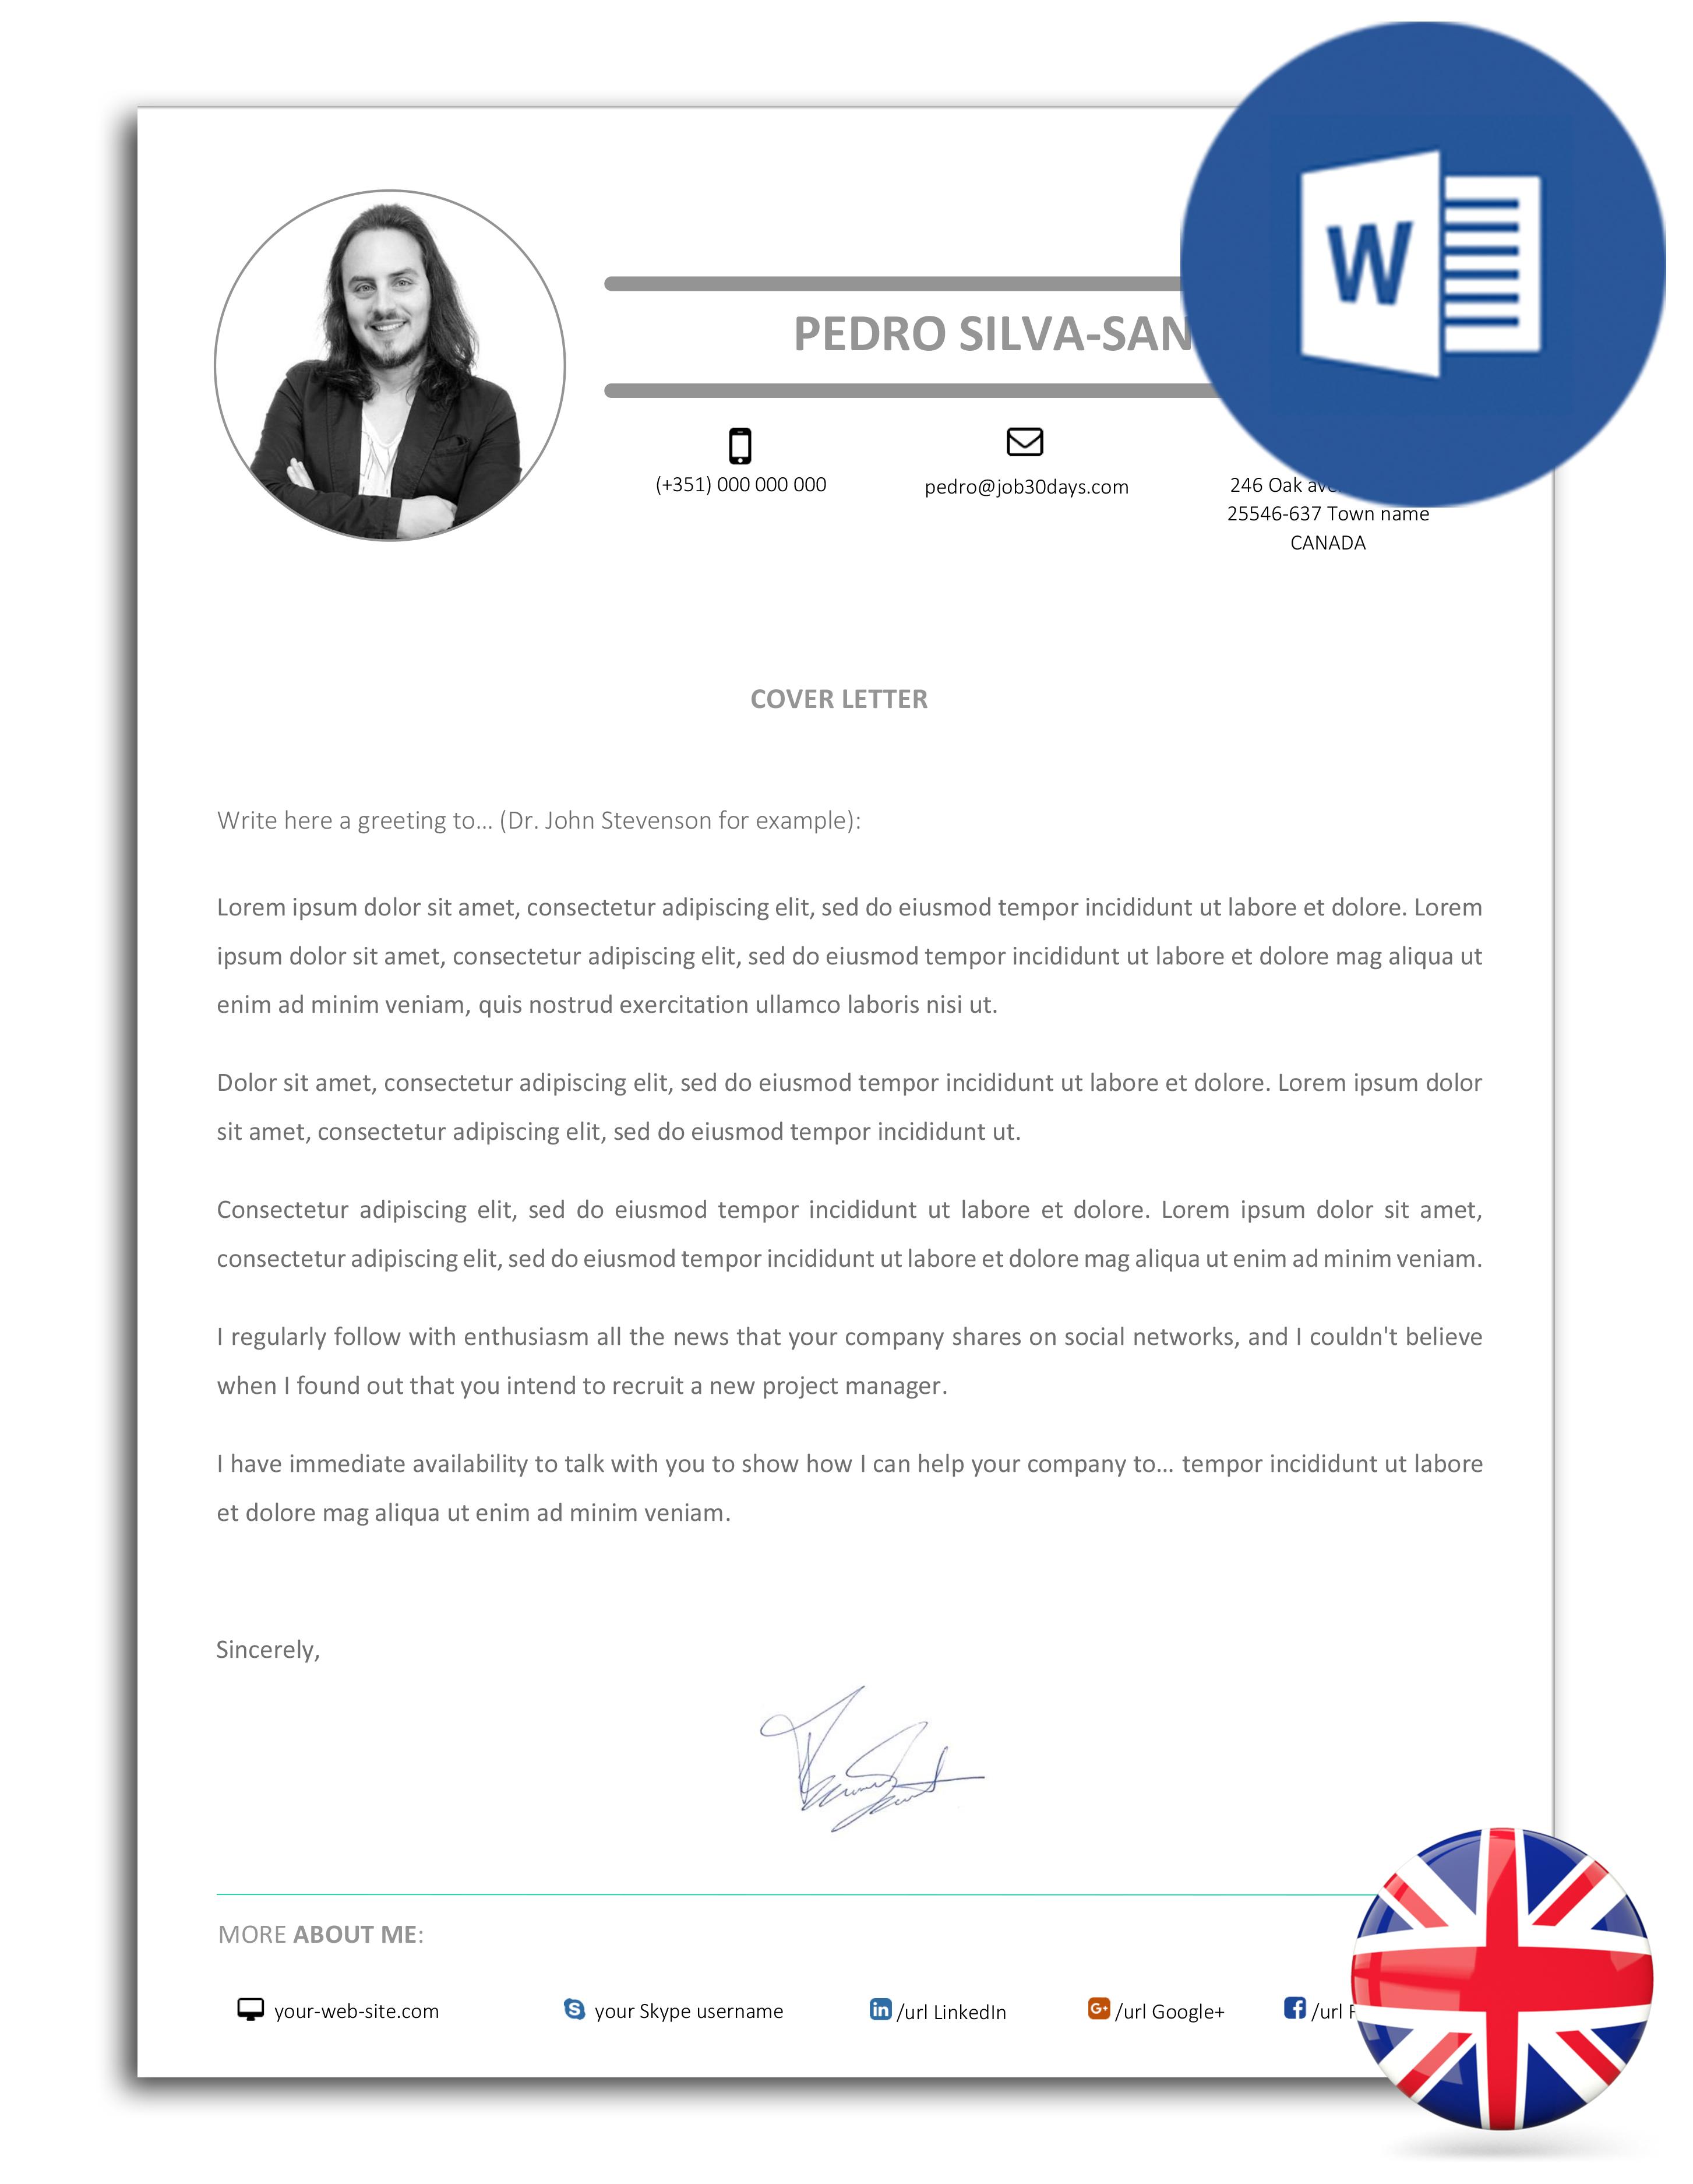 modelo de carta de apresentação editável em Word (versão inglesa)